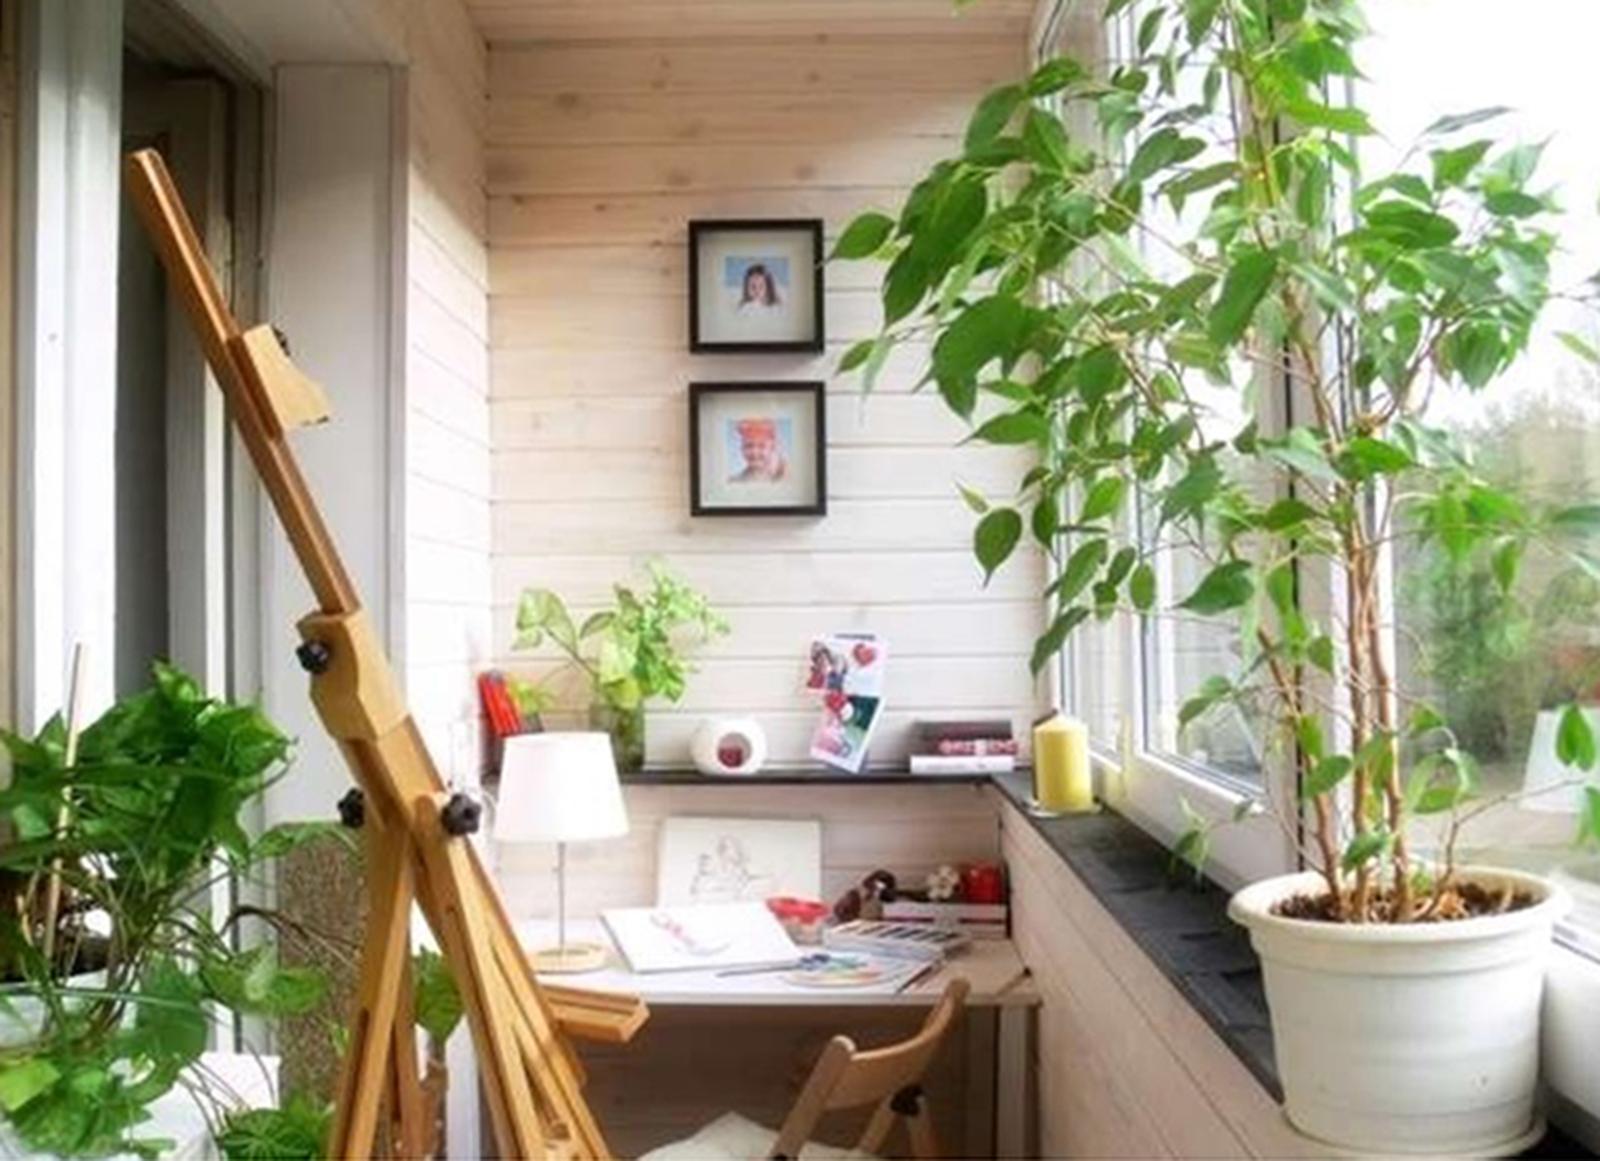 Cách bố trí phòng làm việc tại nhà giúp bạn làm việc hiệu quả 1